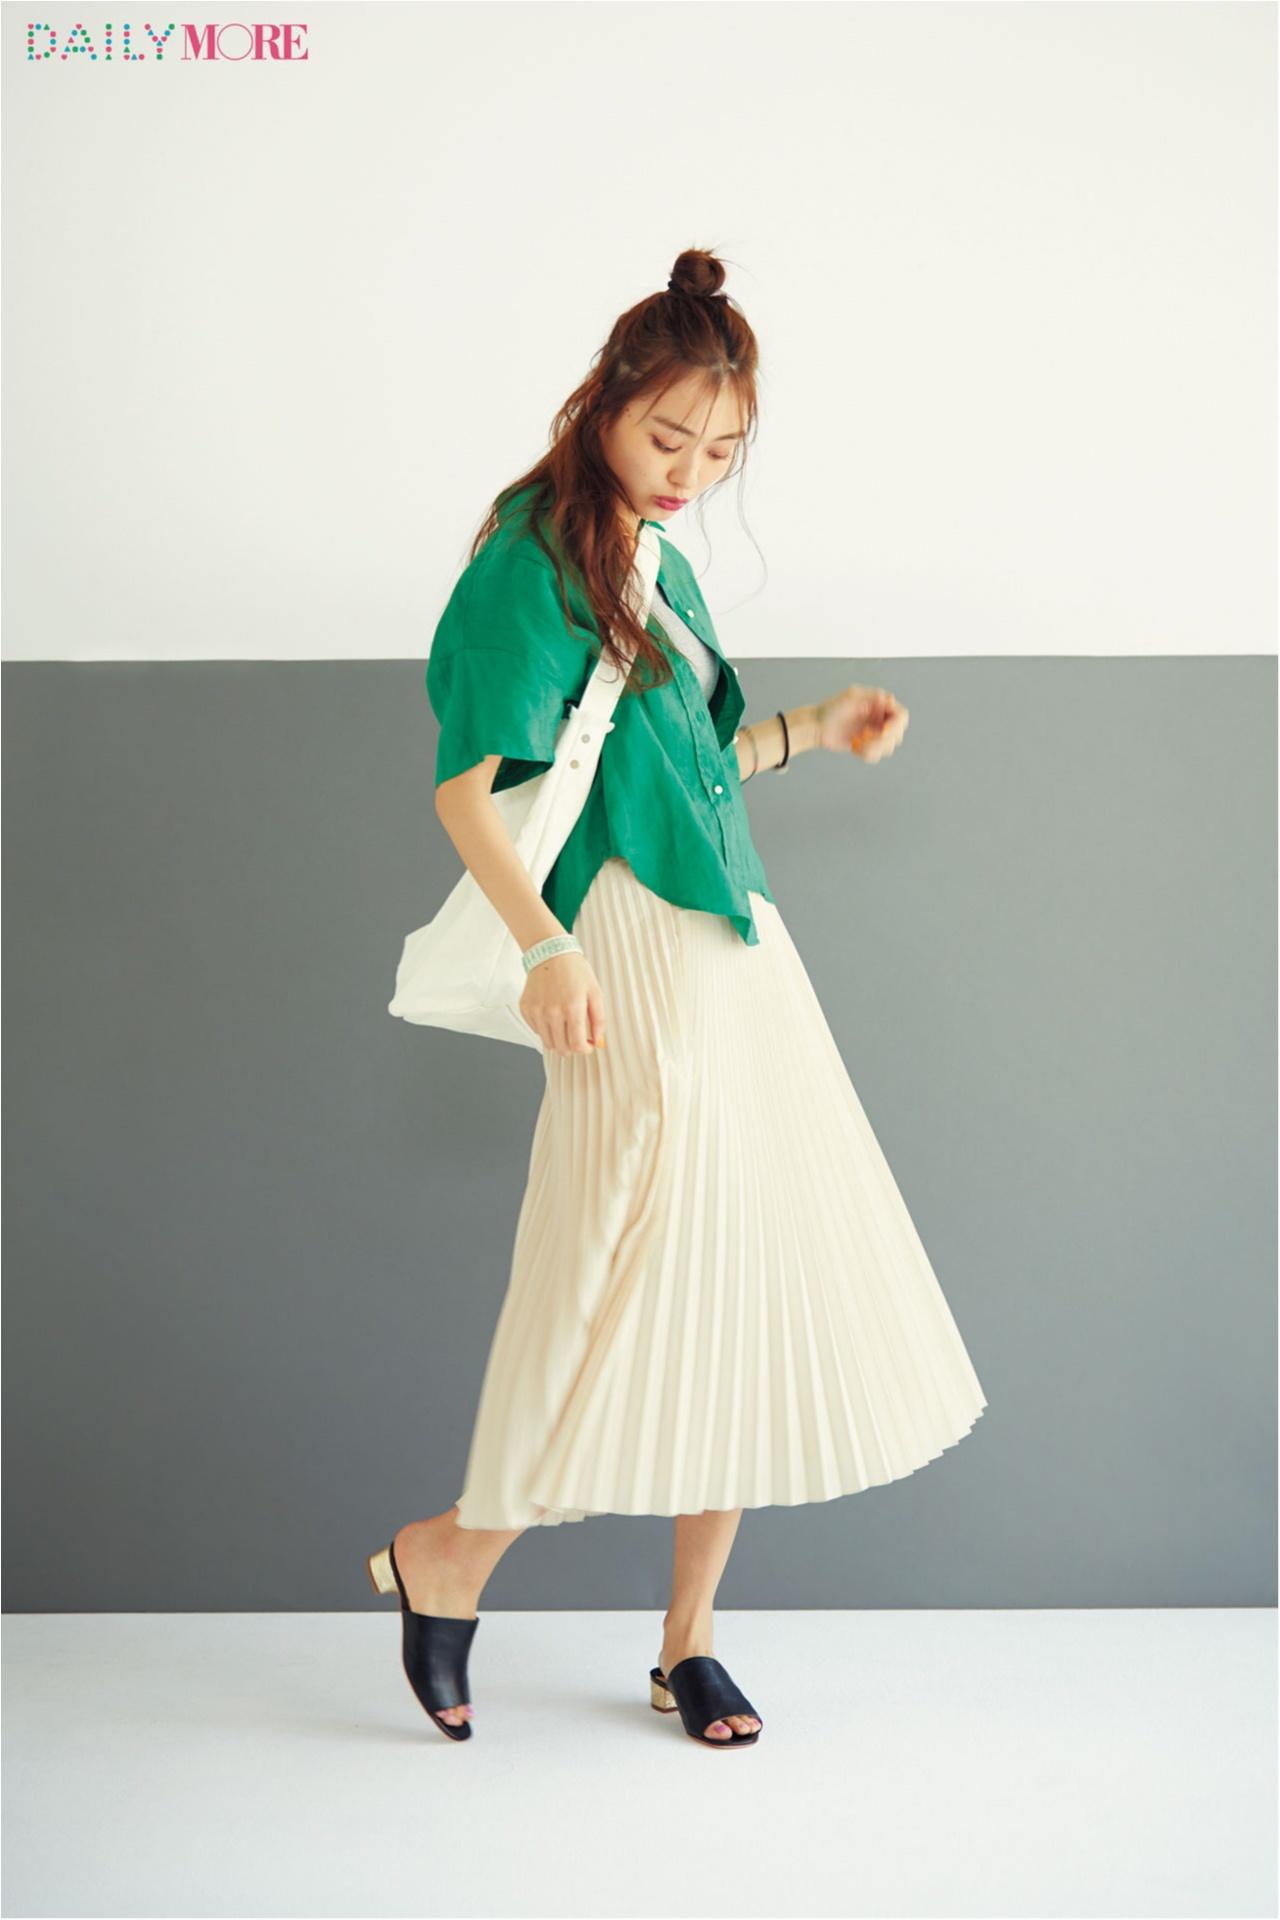 【今日のコーデ/内田理央】鮮やかなグリーンと清涼感あふれる白で、コーデも気分もリフレッシュ♪_1